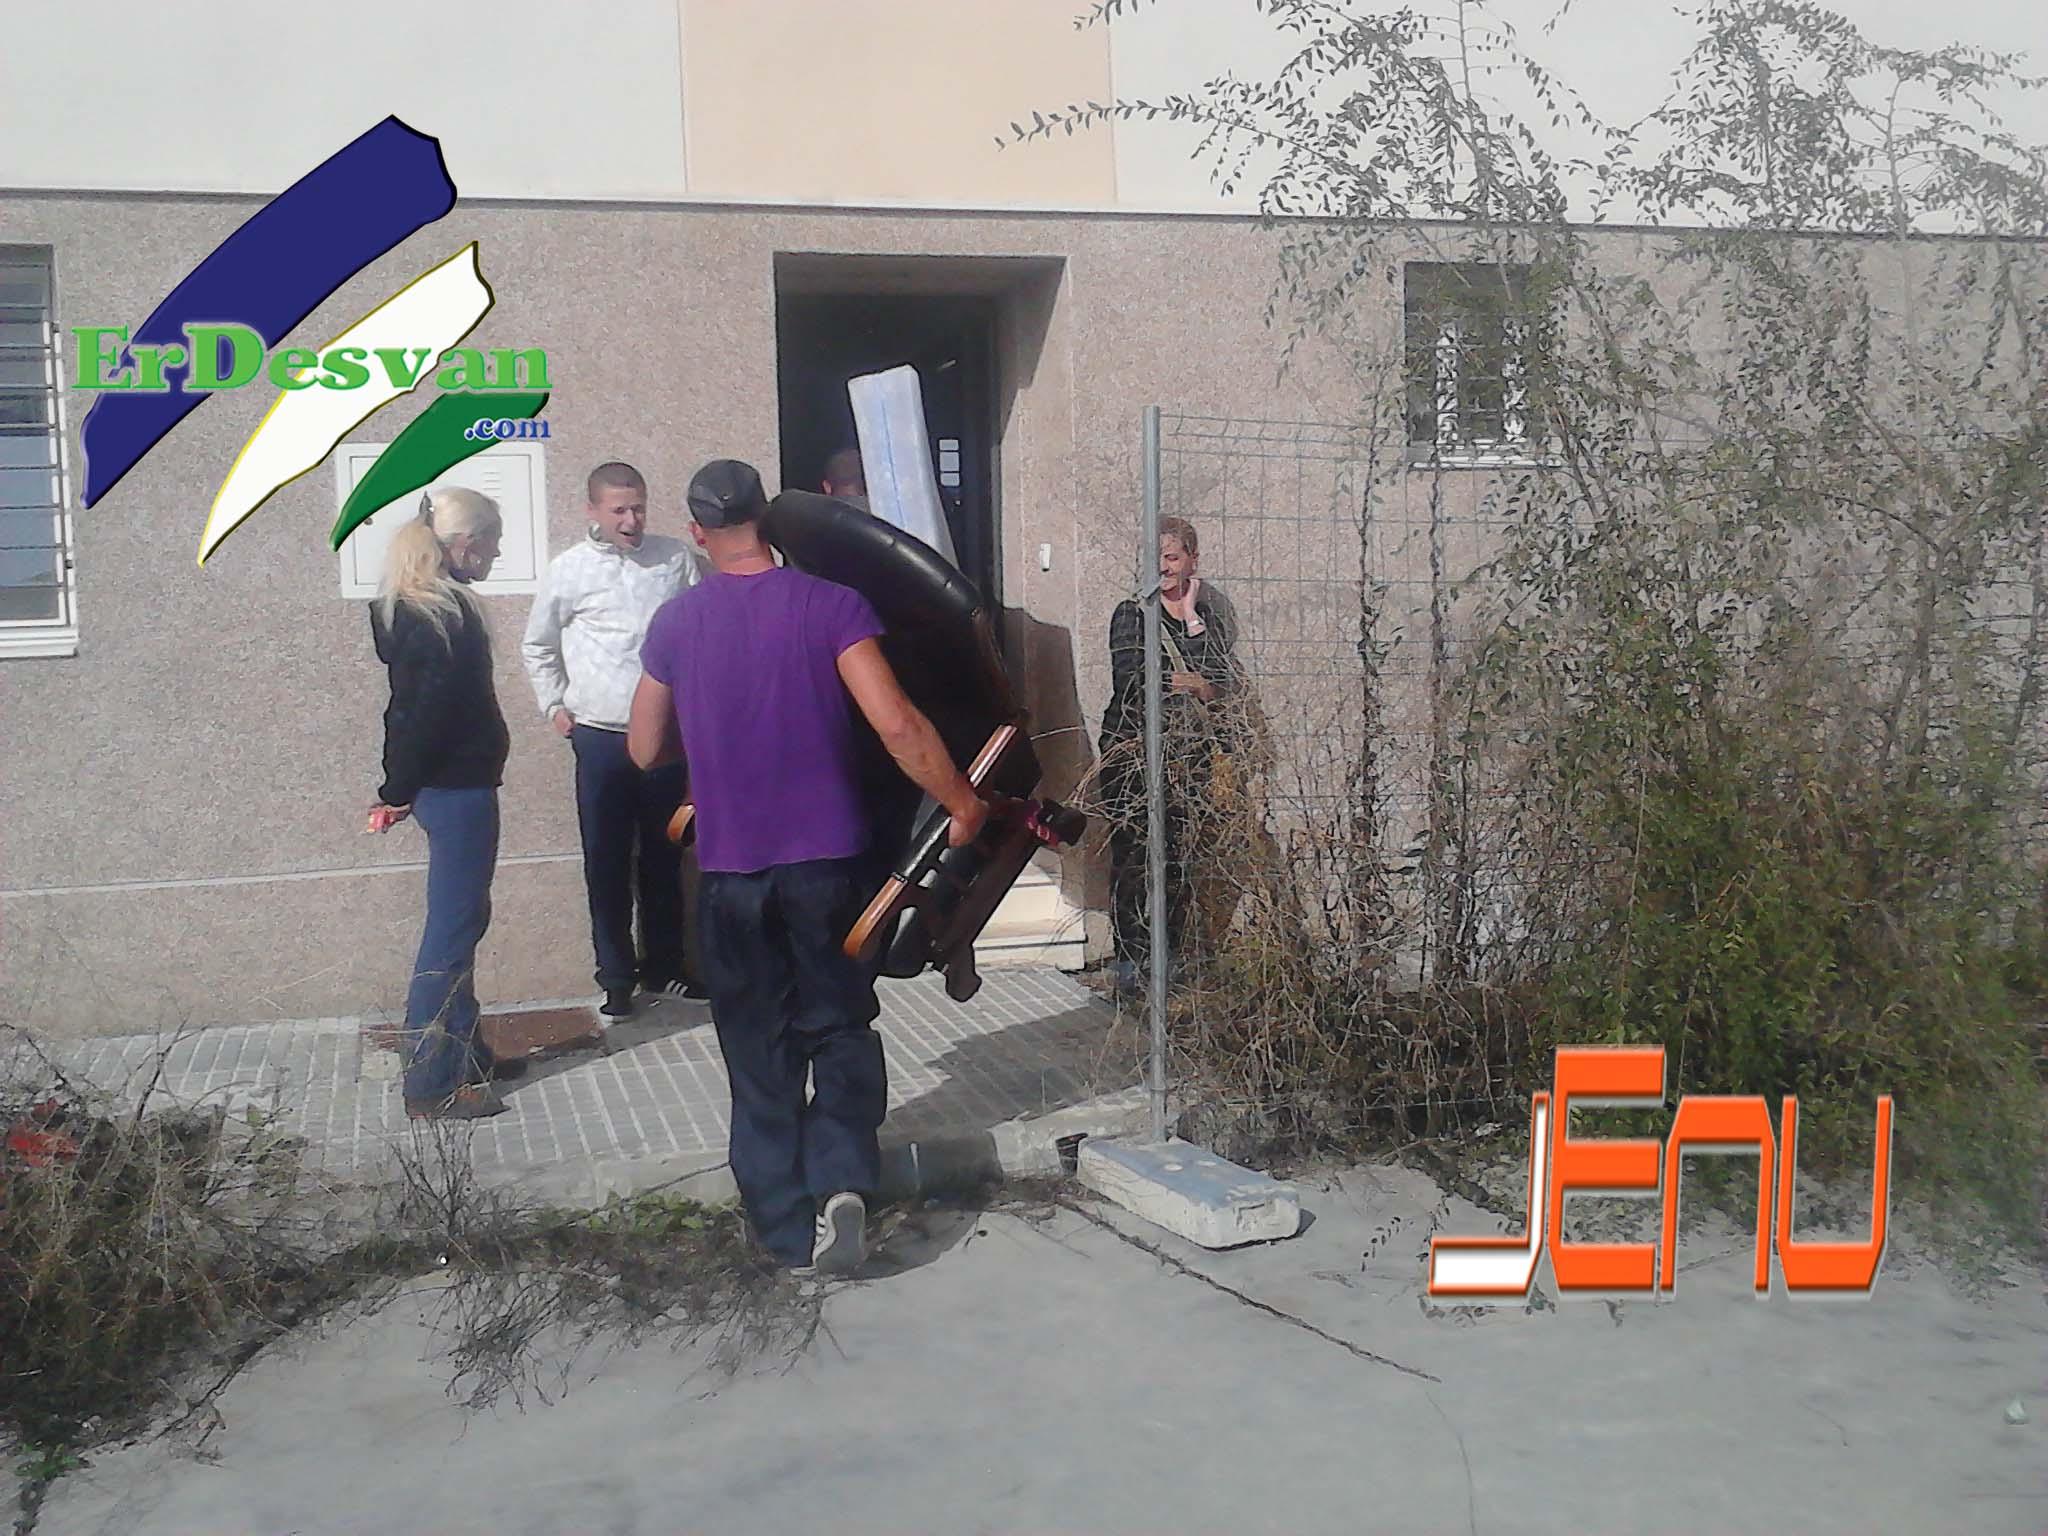 Villamartin ocupan 14 viviendas de la caixa erdesvan - Casas embargadas la caixa ...